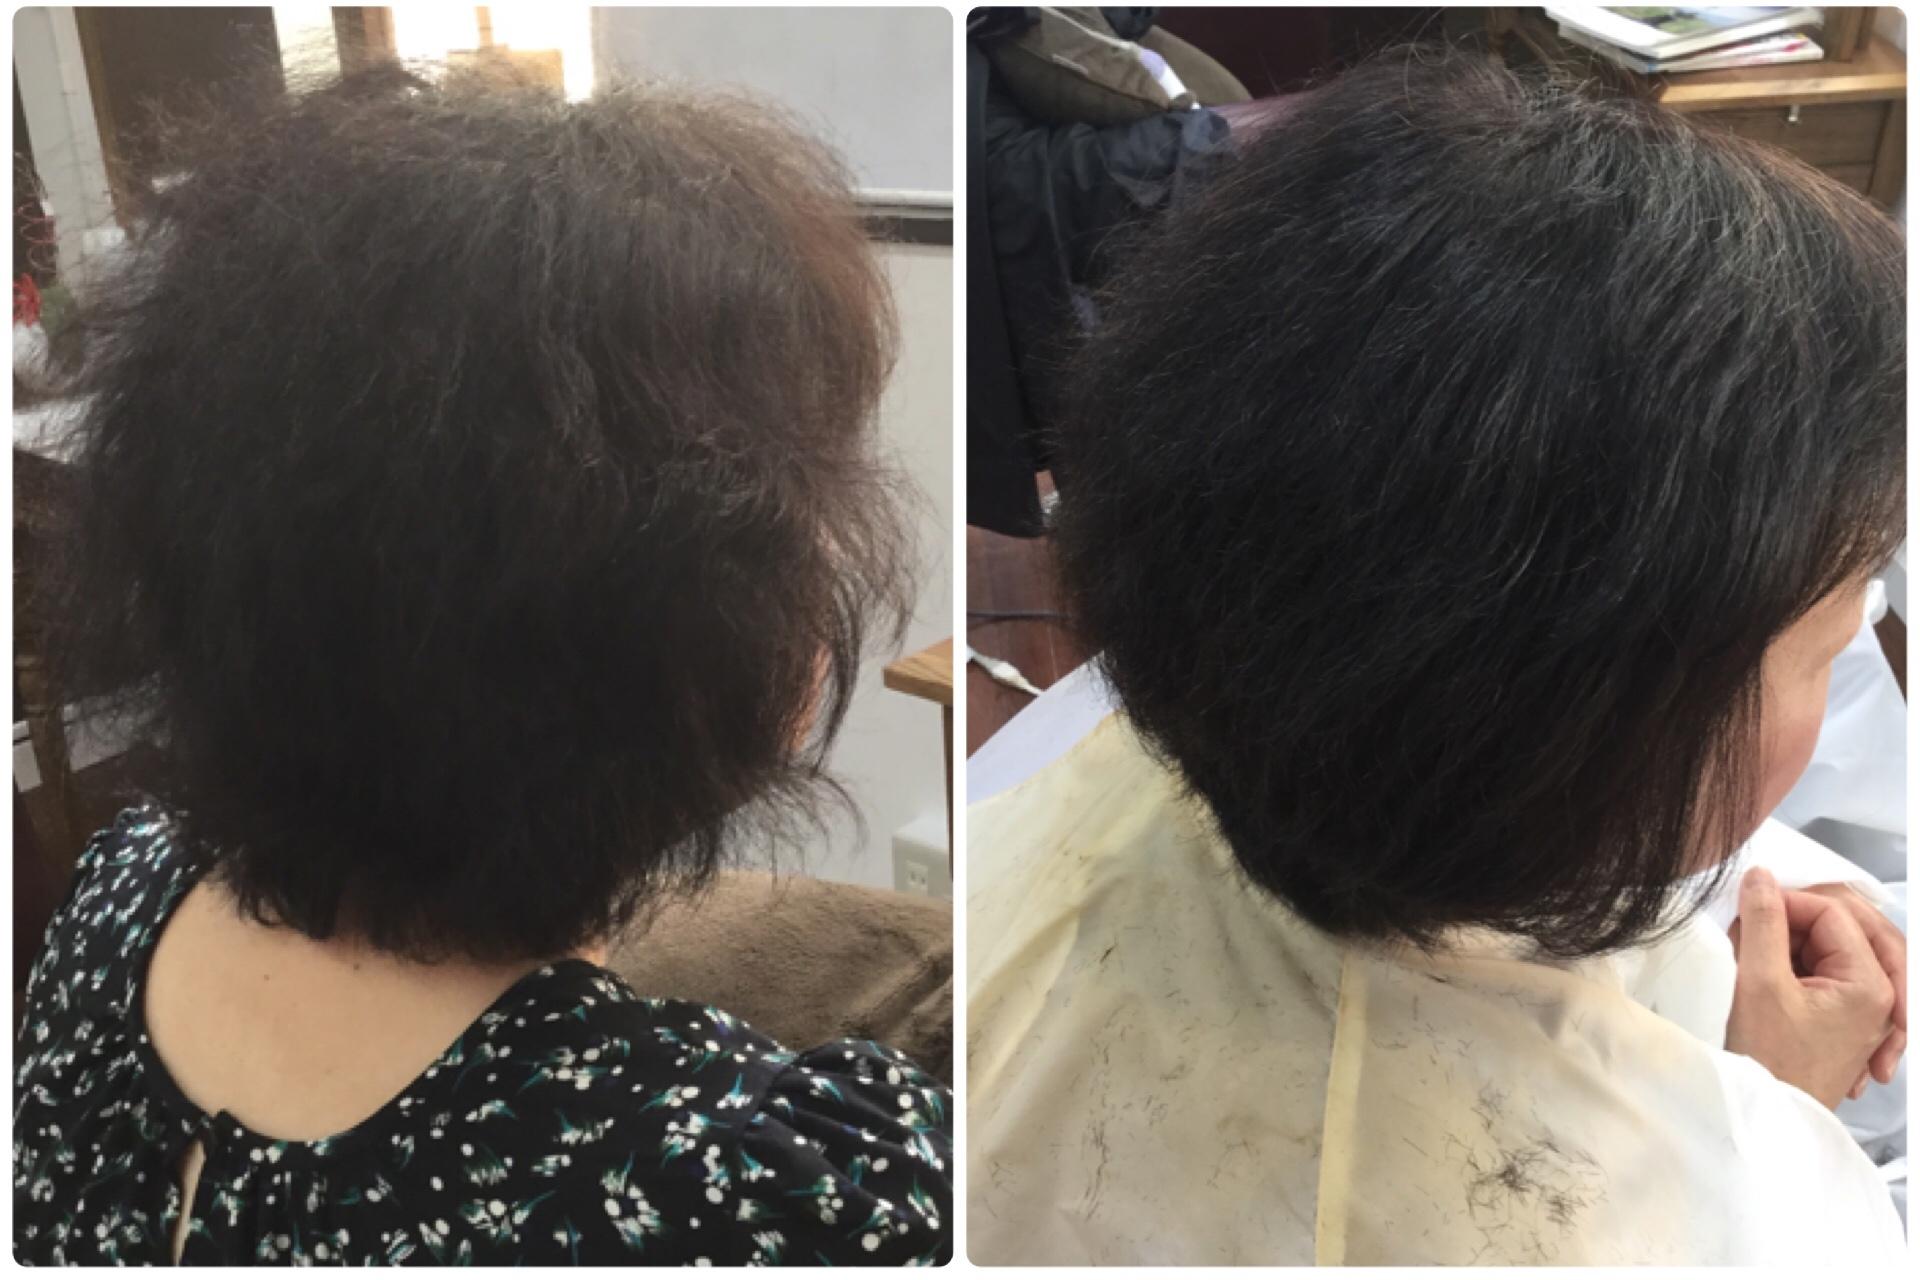 くせ毛の髪質改善に天然100%ヘナとすきハサミを使わないカットの神戸くせ毛専門美容室